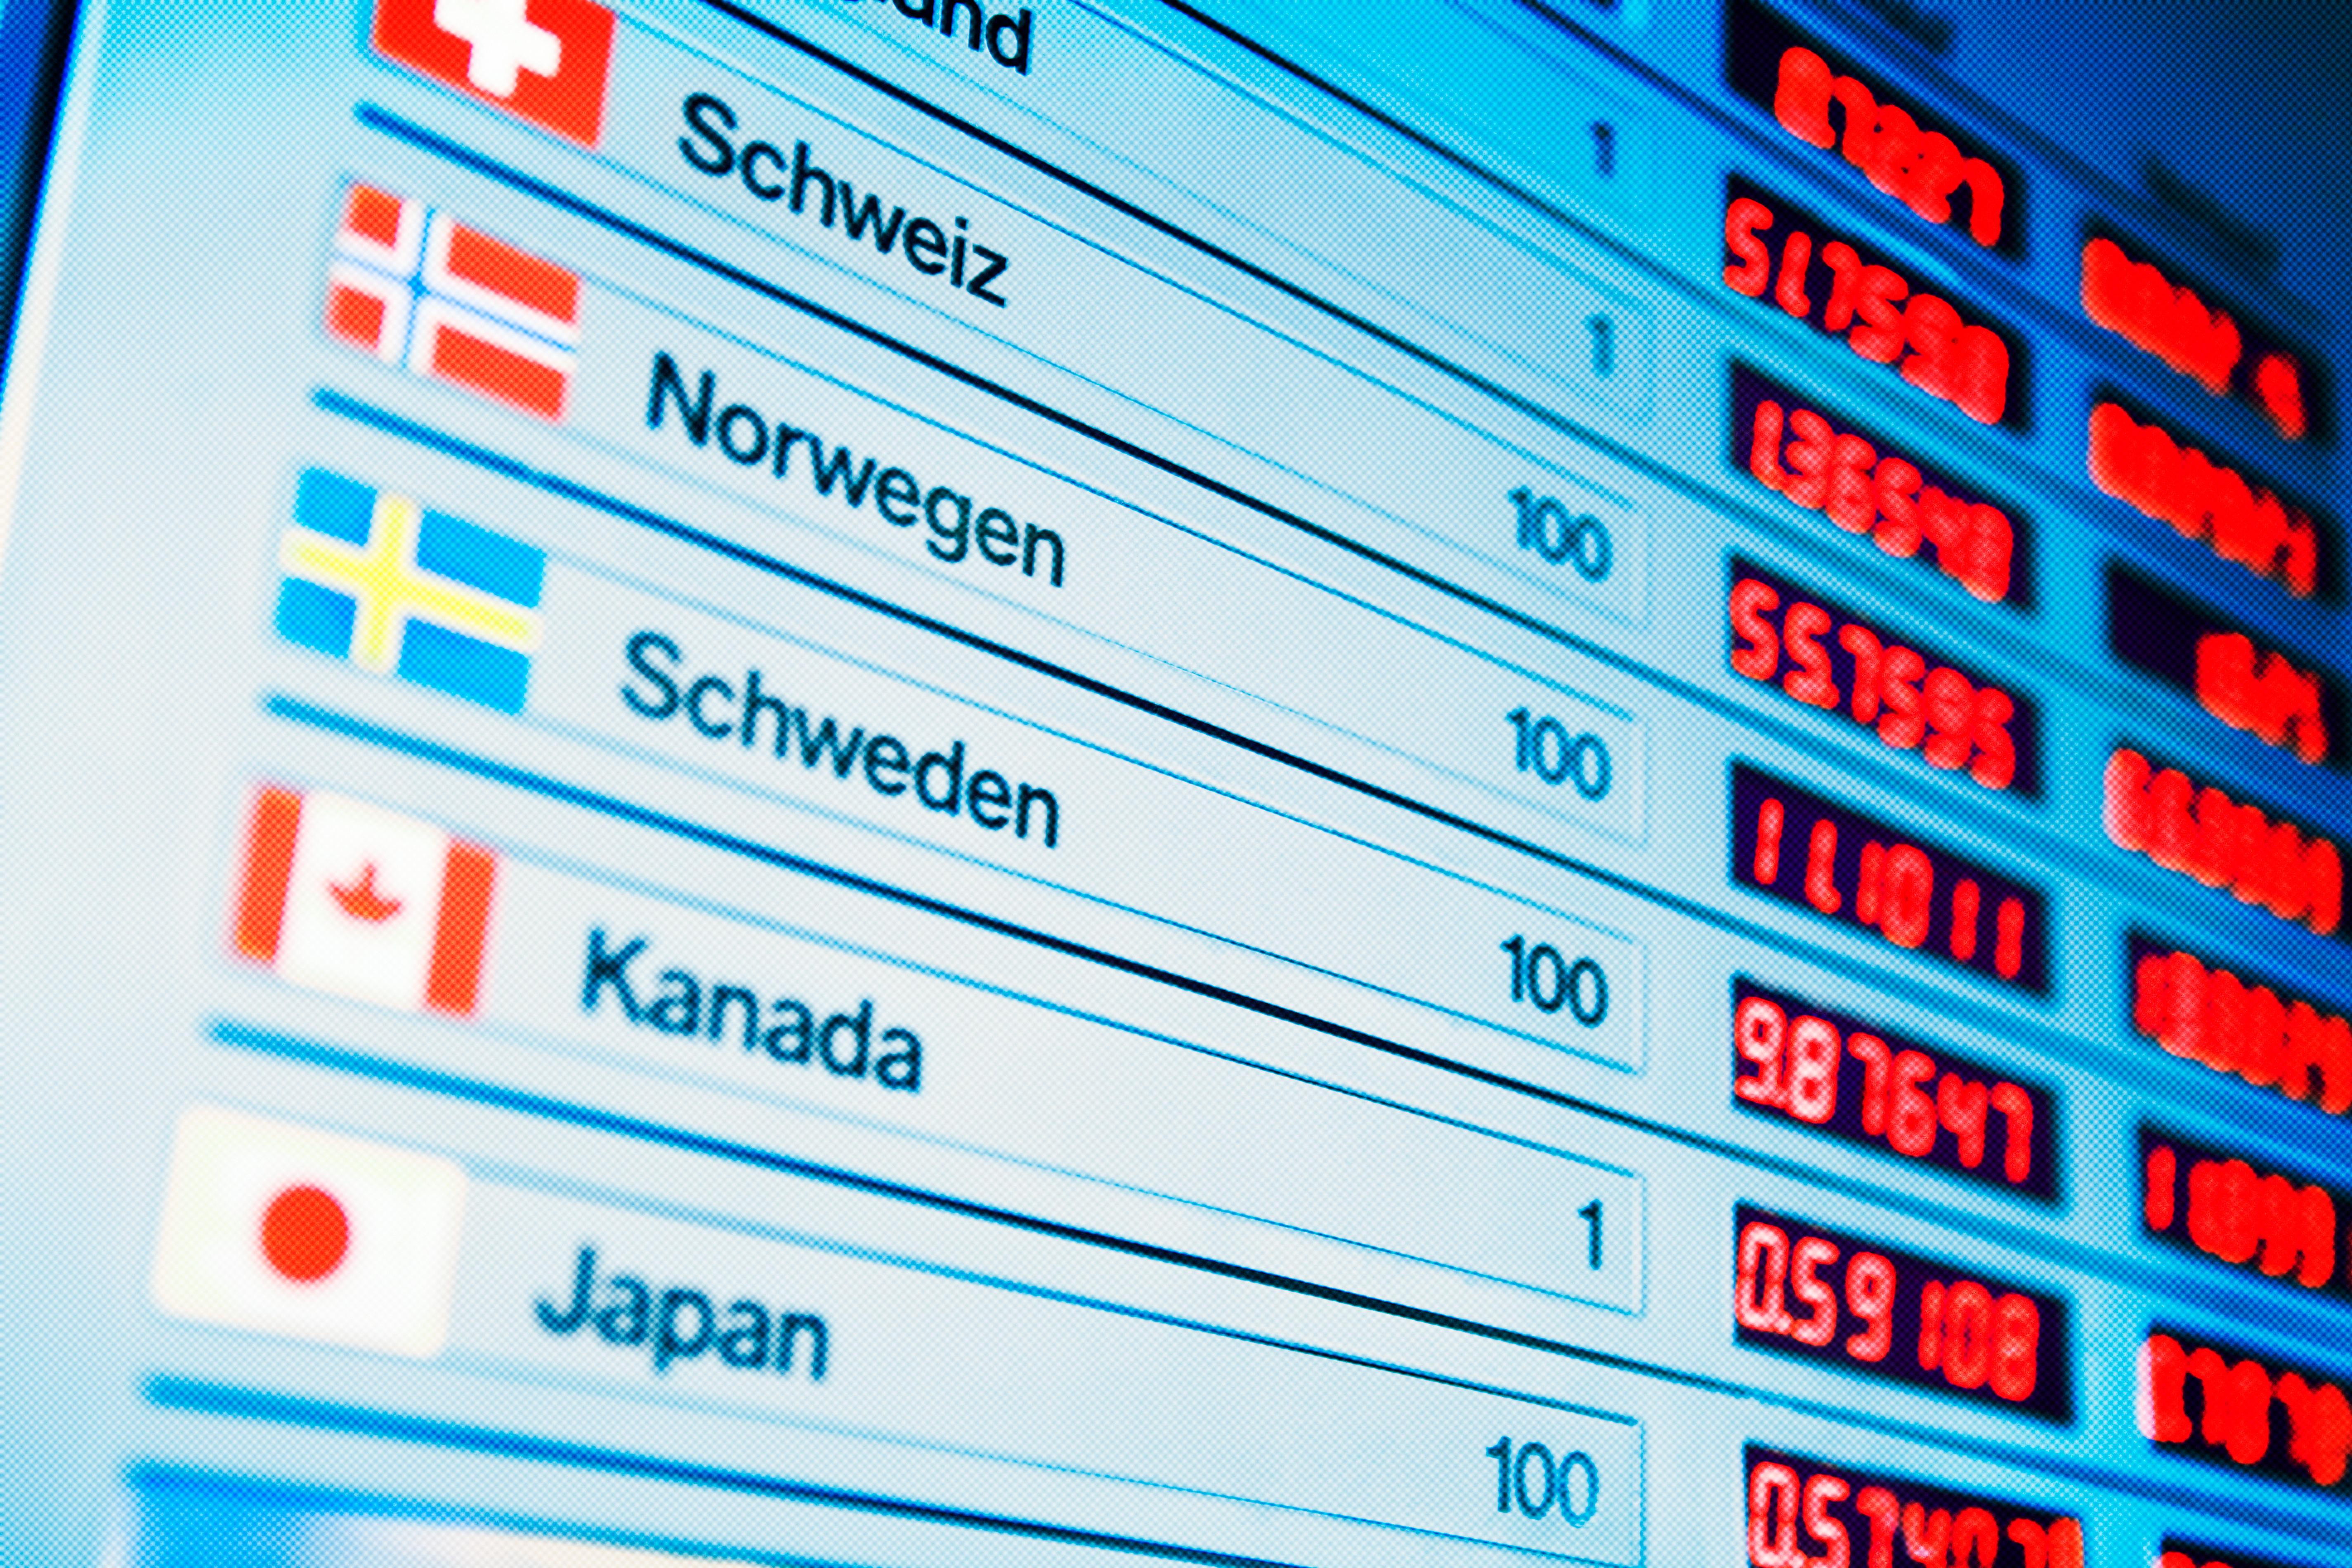 外汇交叉盘走势分析∶英镑/日元、欧元/日元、纽元/日元、瑞郎/日元、加元/日元、欧元/土耳其里拉